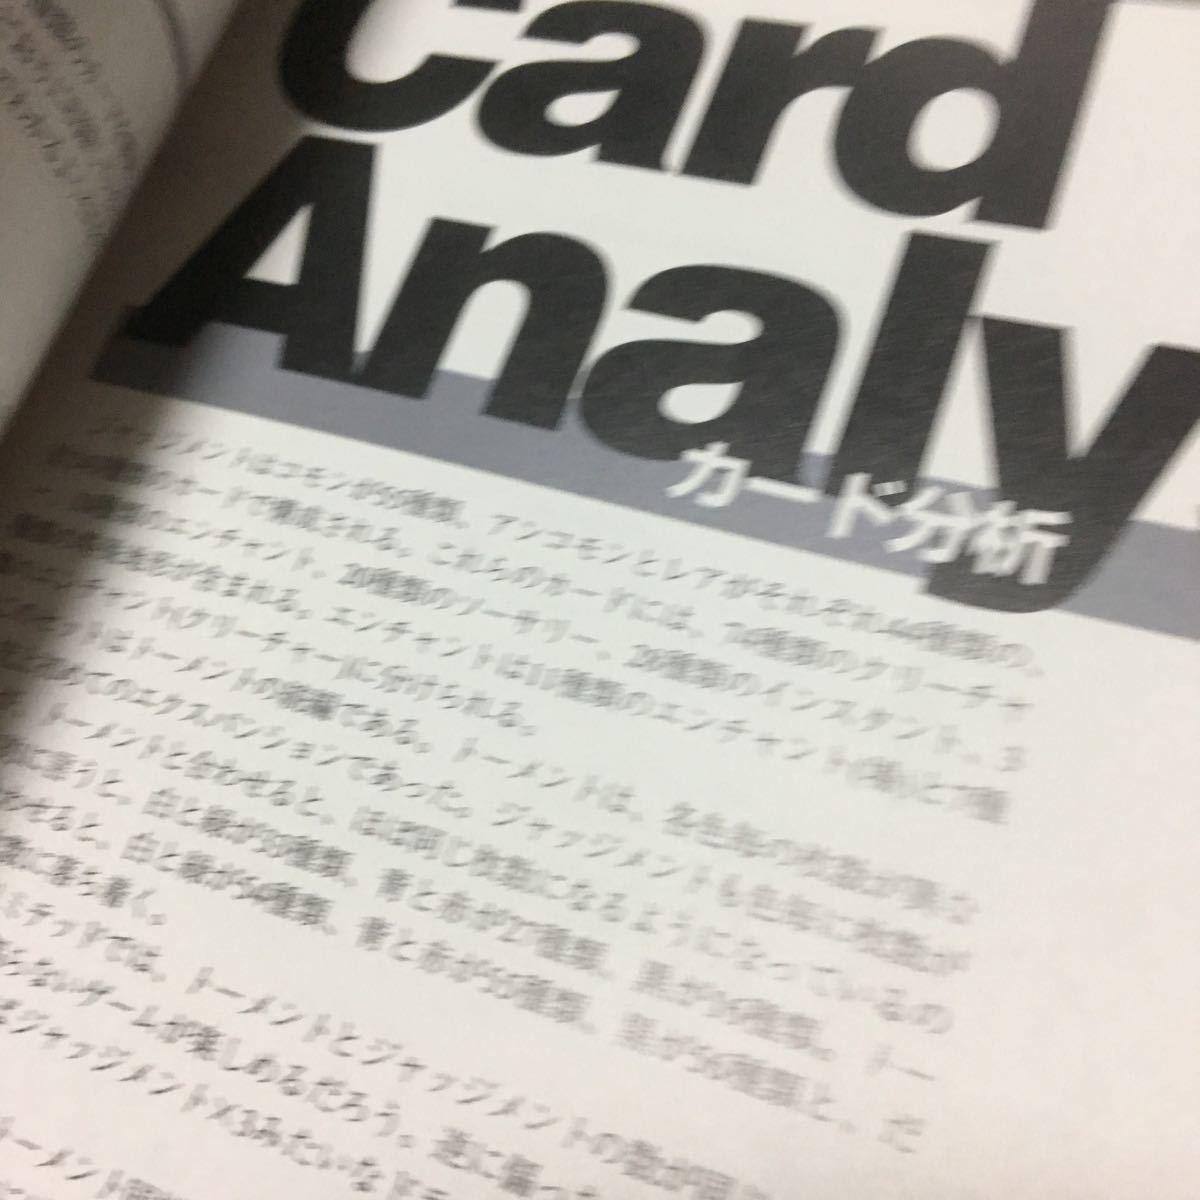 【JUDGEMENT 公式ハンドブック】MAGIC ジャッジメント オフィシャル ガイド 2002年 鶴田慶之 カードゲーム ホビー 【19/11 A-1】_画像4